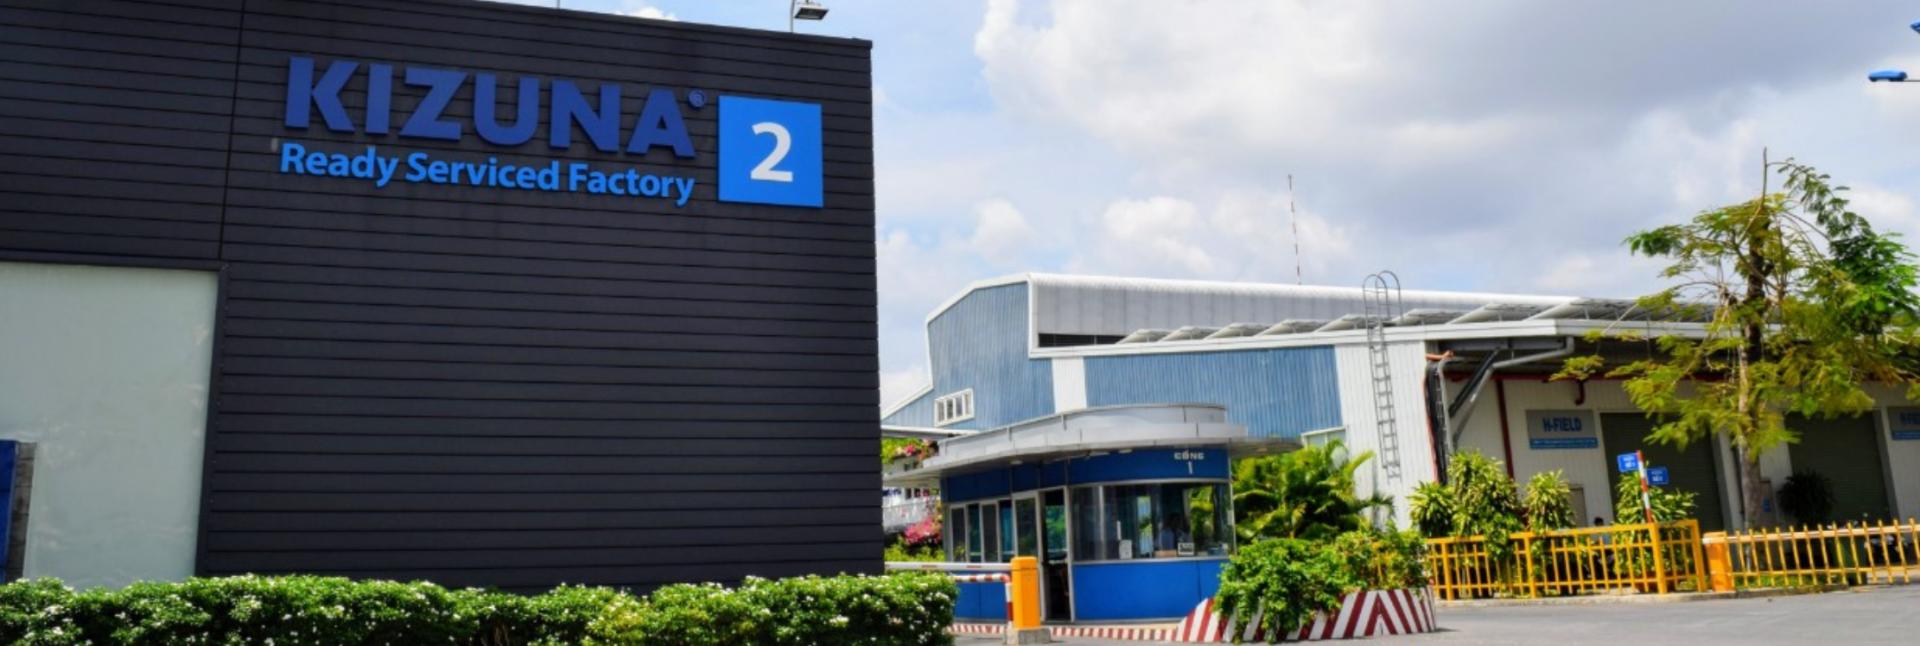 nhà xưởng sản xuất cho thuê kizuna 2